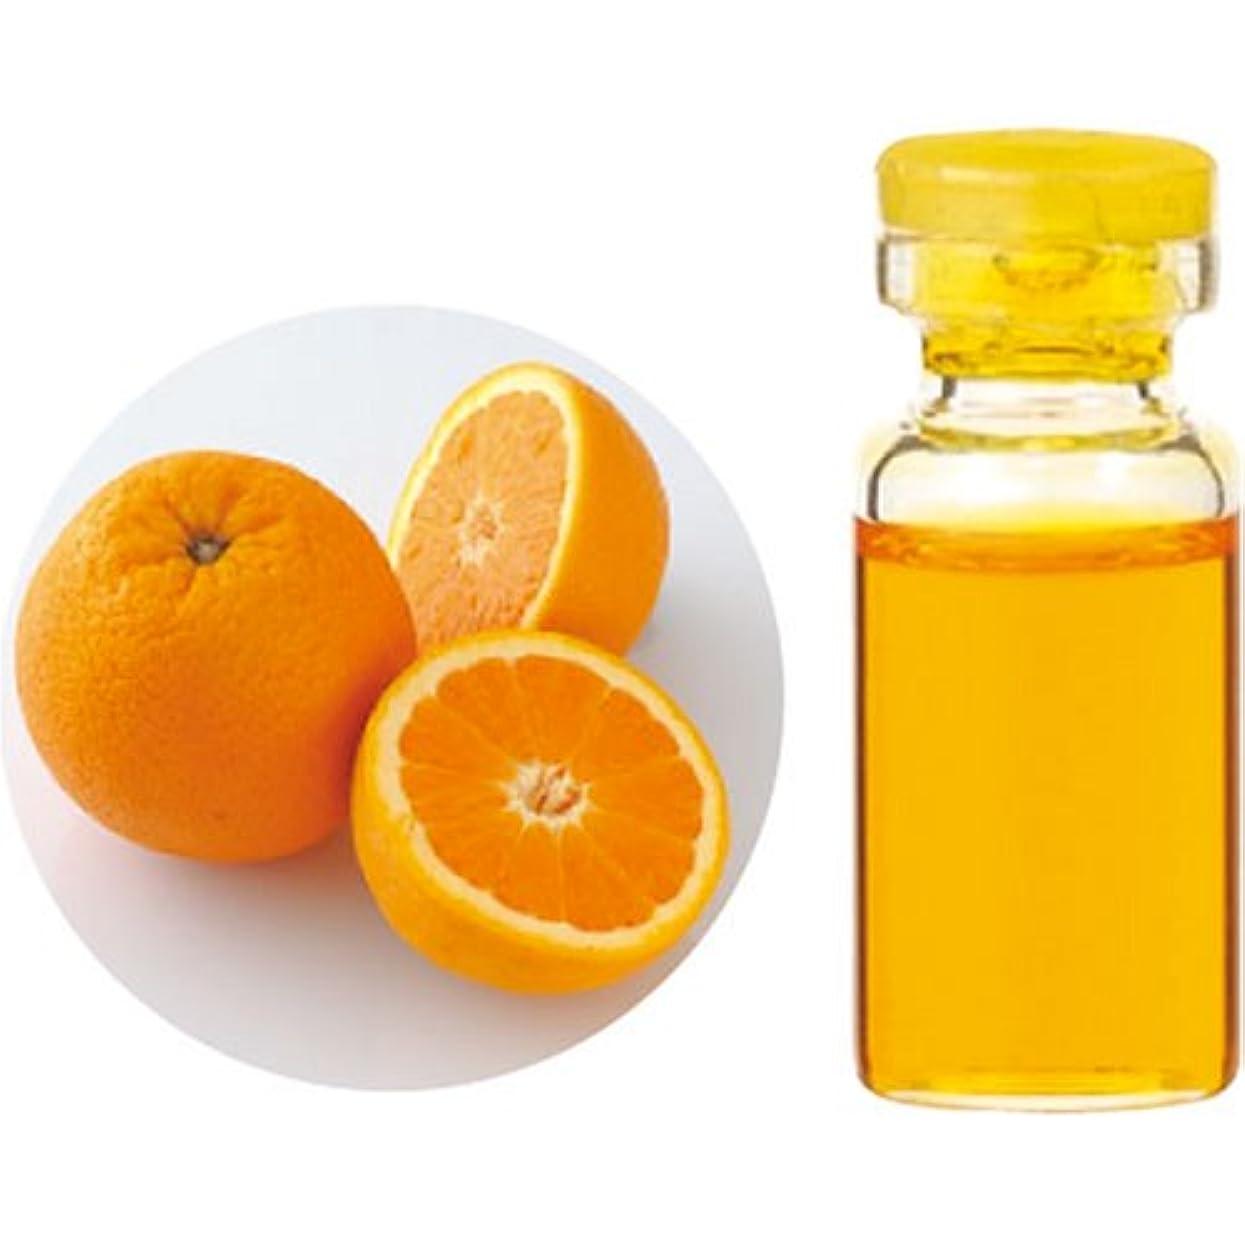 パドル仕事に行くであるHerbalLife スィートオレンジ 10ml